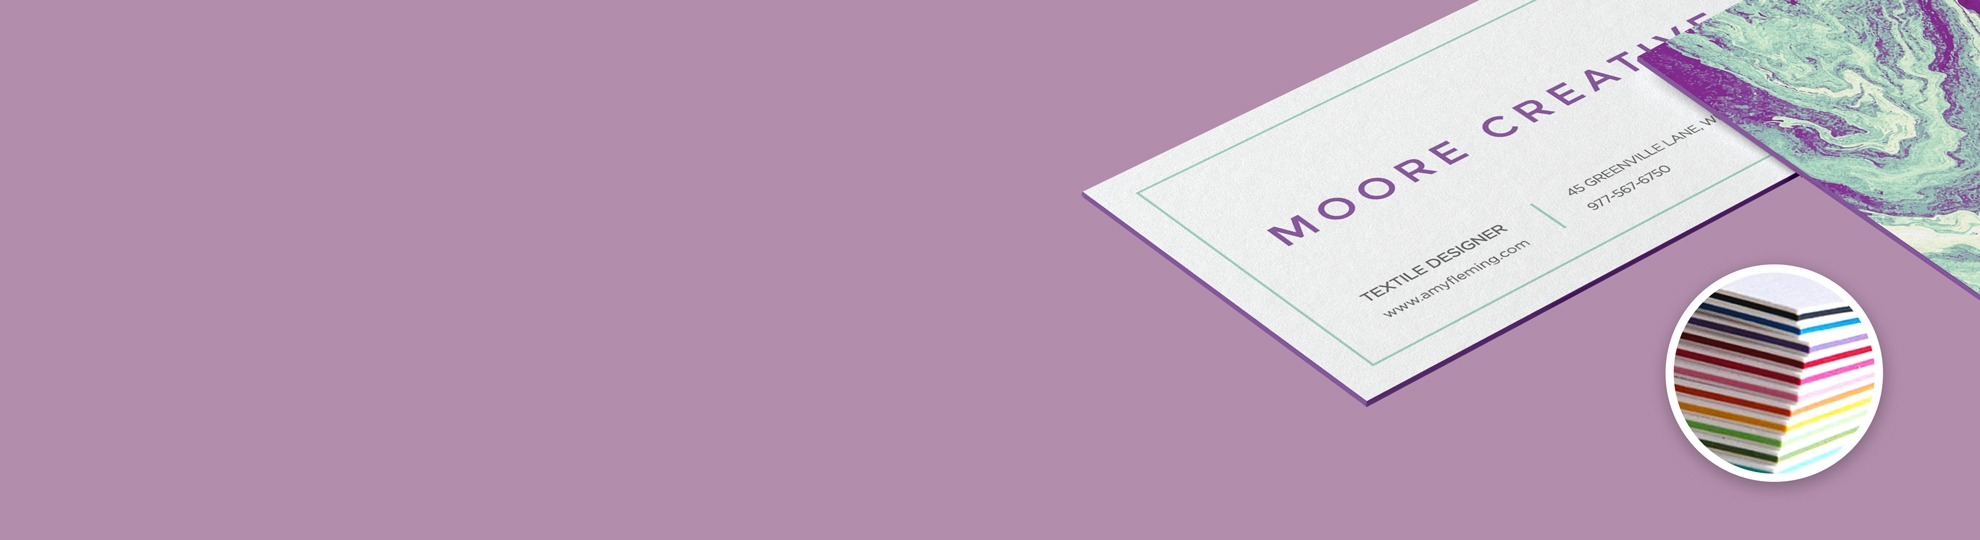 Imprimer carte de visite tranche colorée